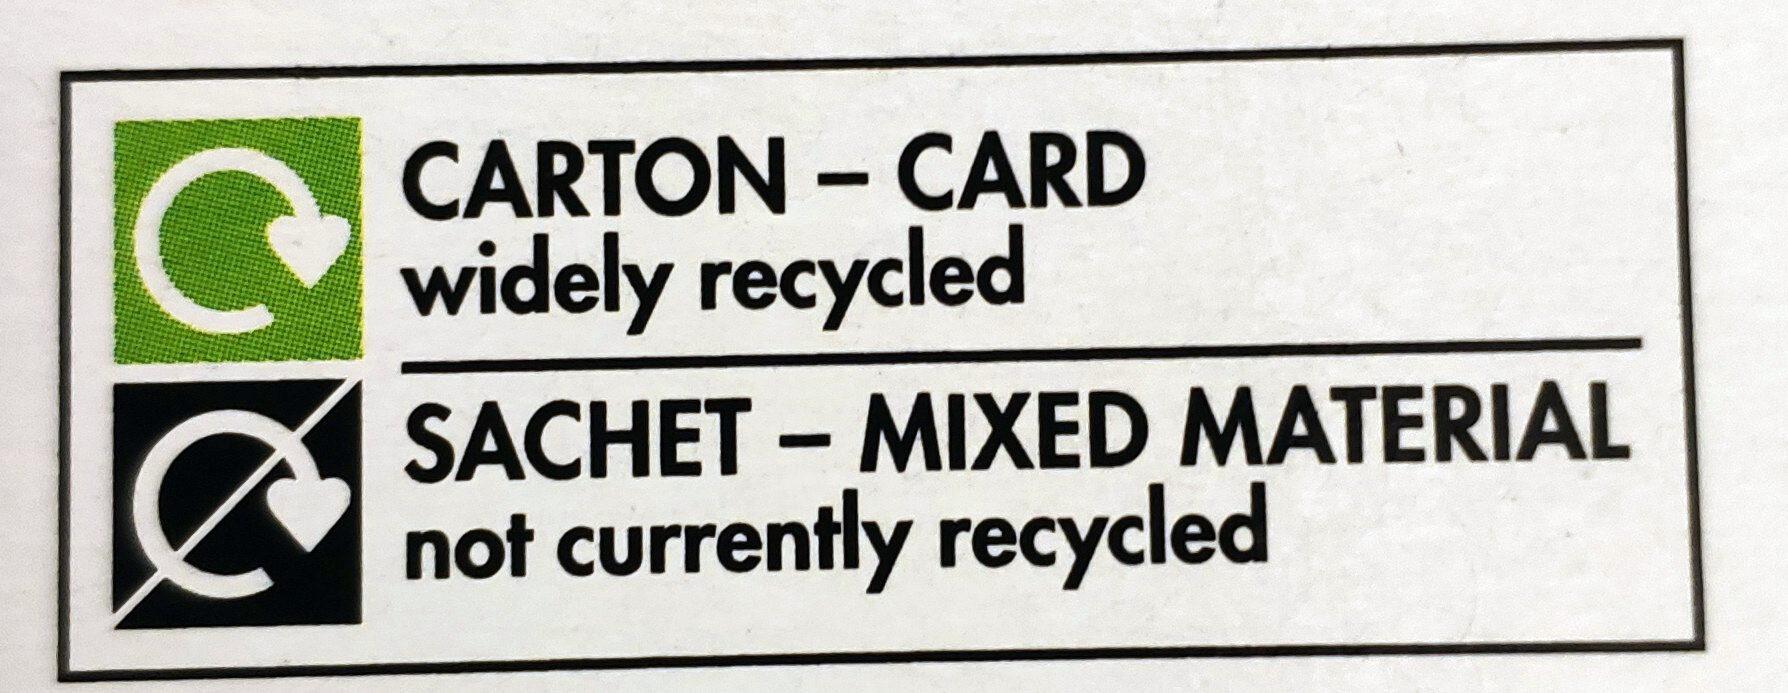 Fast Action Dried Yeast 8 Sachets - Istruzioni per il riciclaggio e/o informazioni sull'imballaggio - en